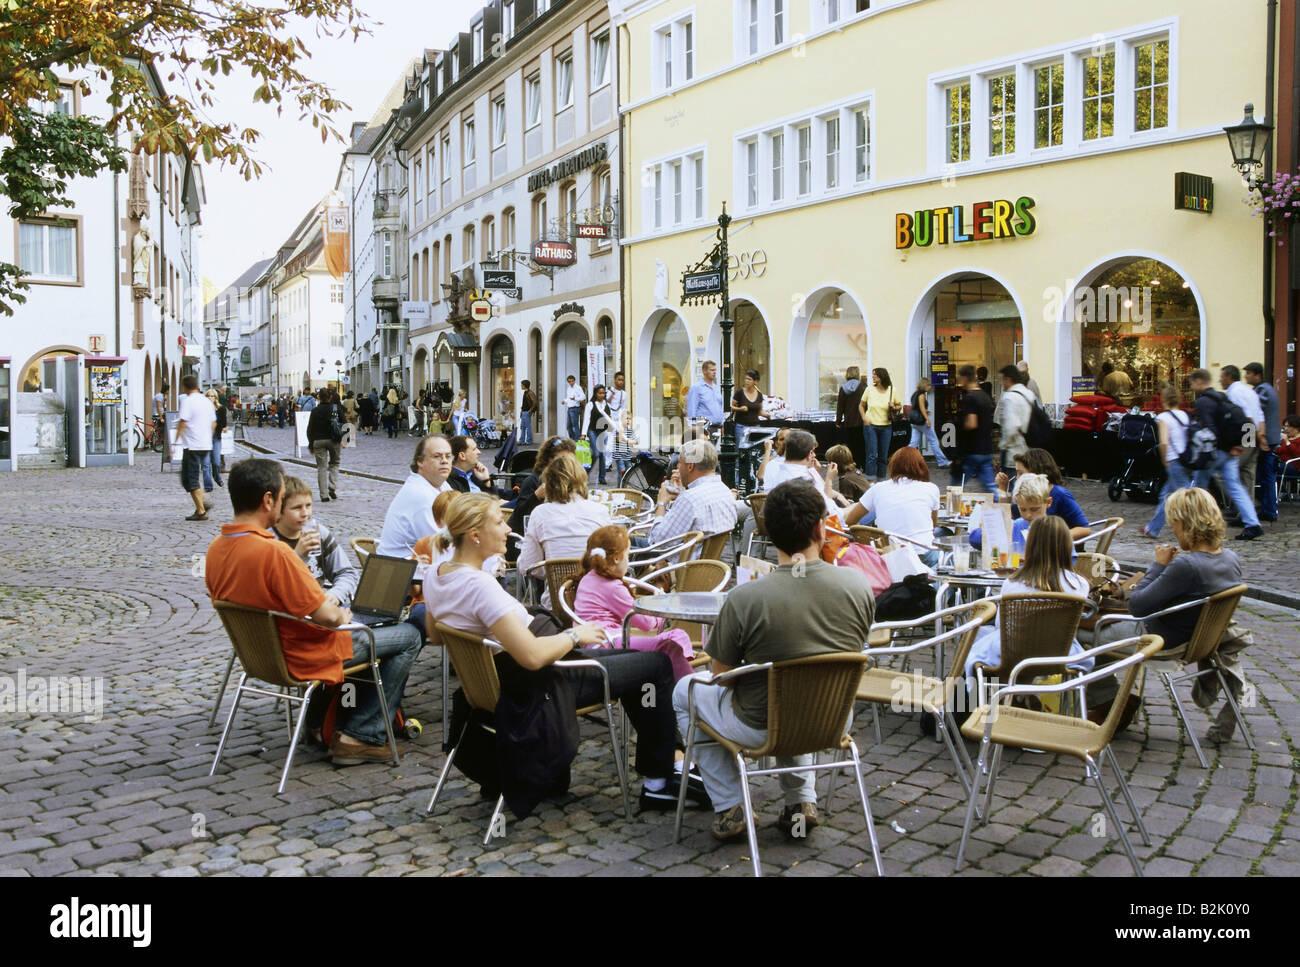 Géographie / voyage, Allemagne, Bade-Wurtemberg, Freiburg, gastronomie, café de la rue sur la Rathausplatz, Photo Stock